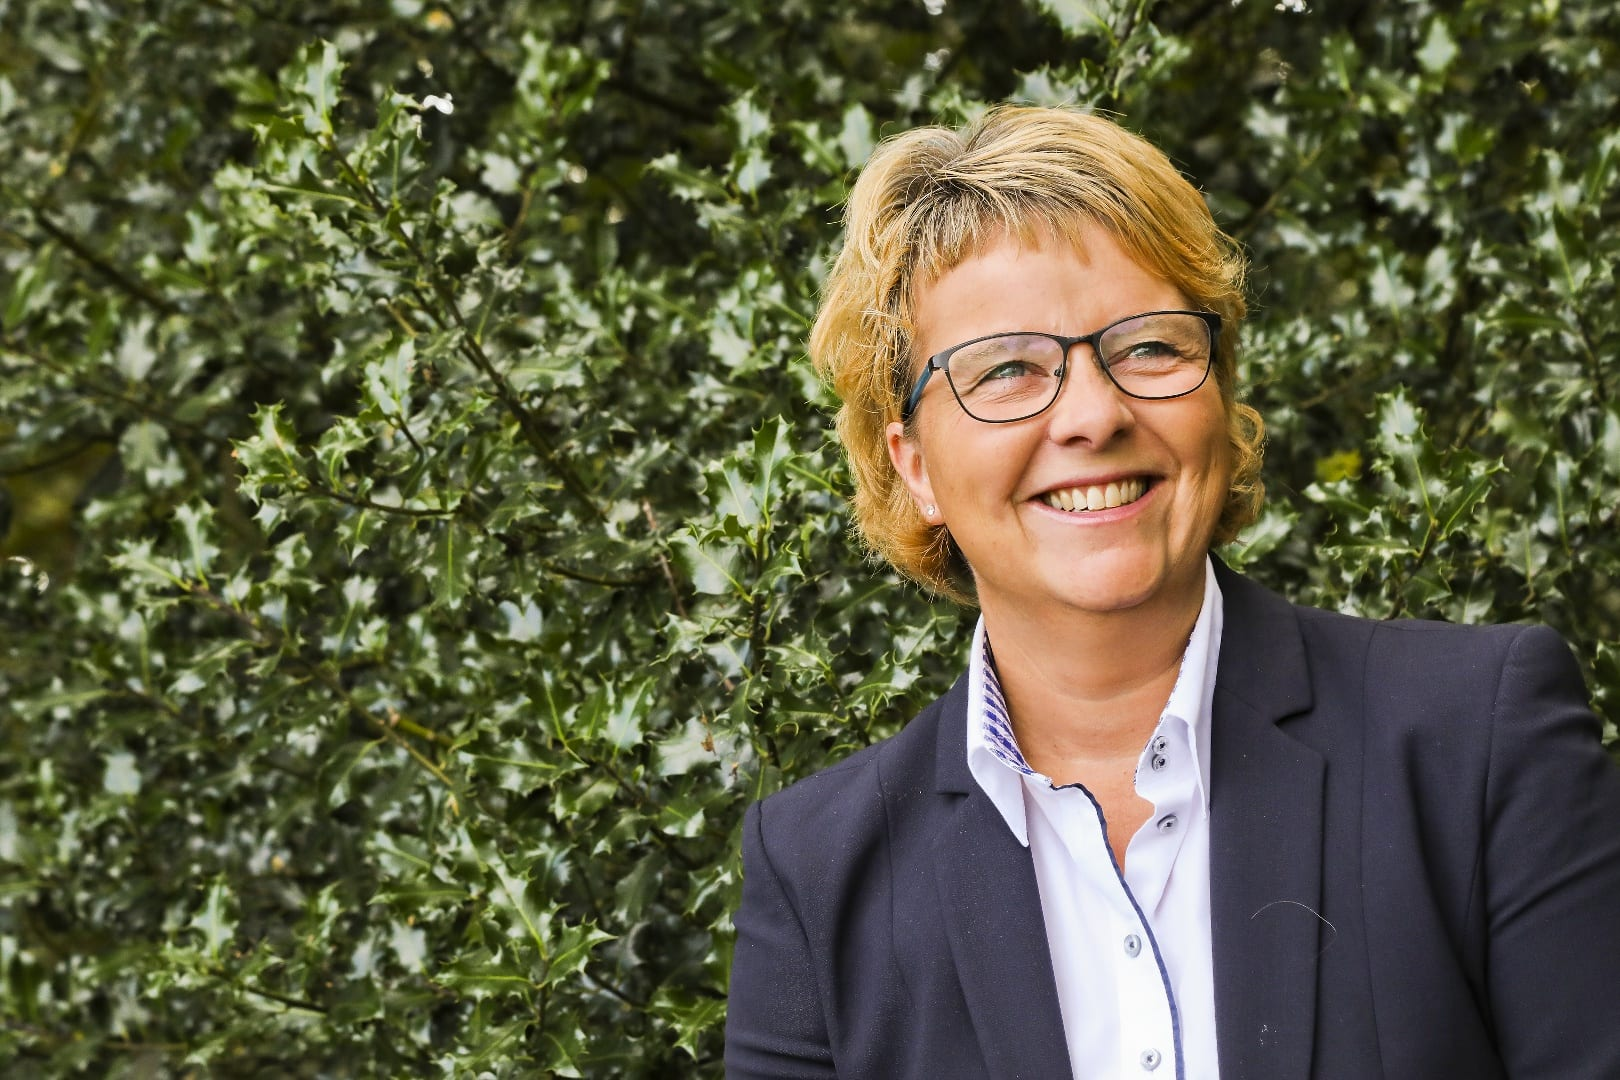 Birgit Rusken